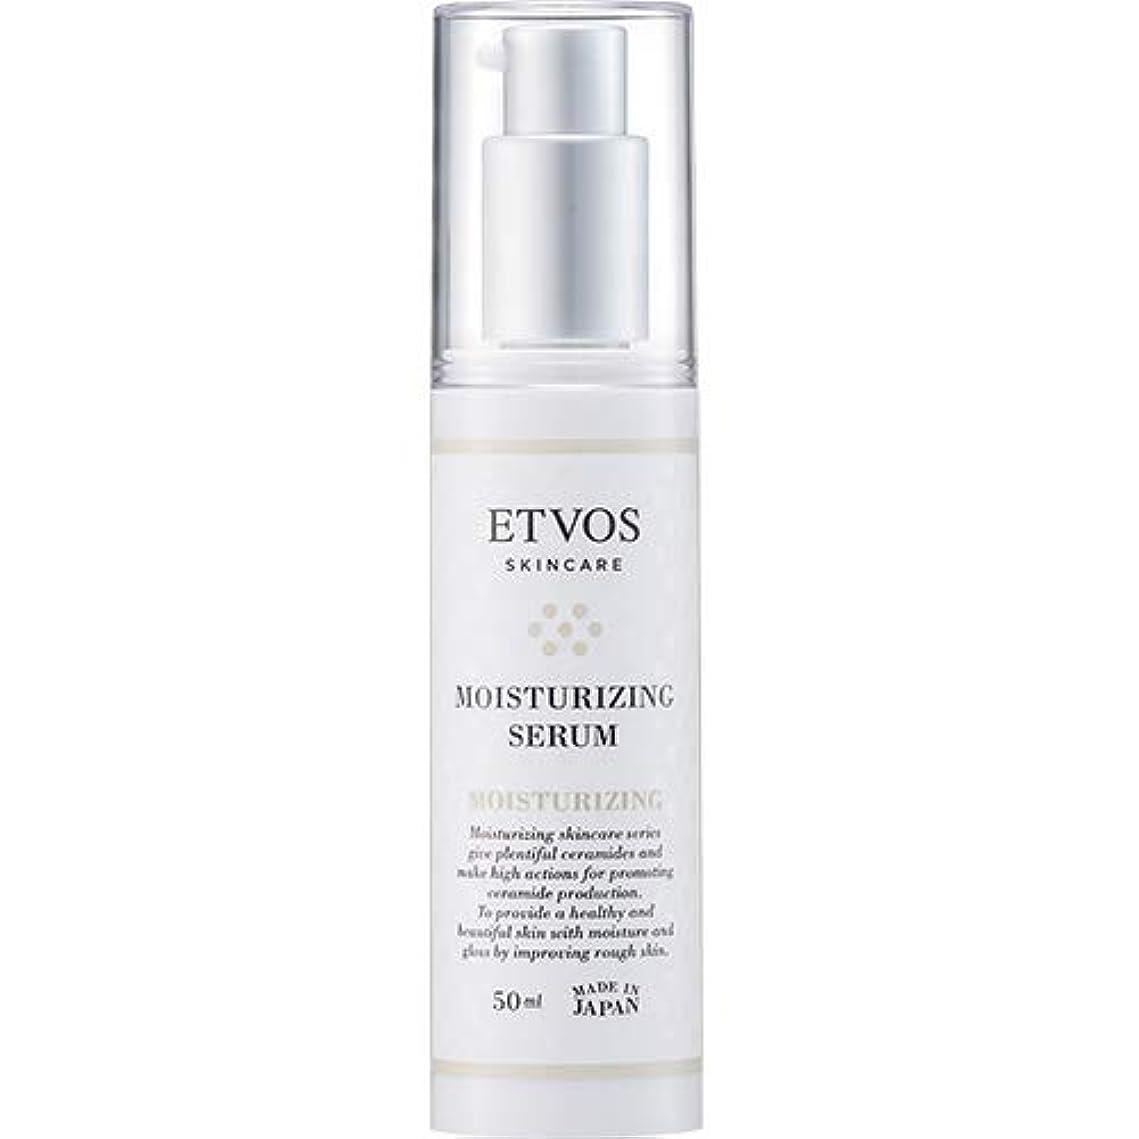 カップグリル猫背ETVOS(エトヴォス) 保湿美容液 モイスチャライジングセラム 50ml ヒト型セラミド配合 乾燥肌/敏感肌 乳液